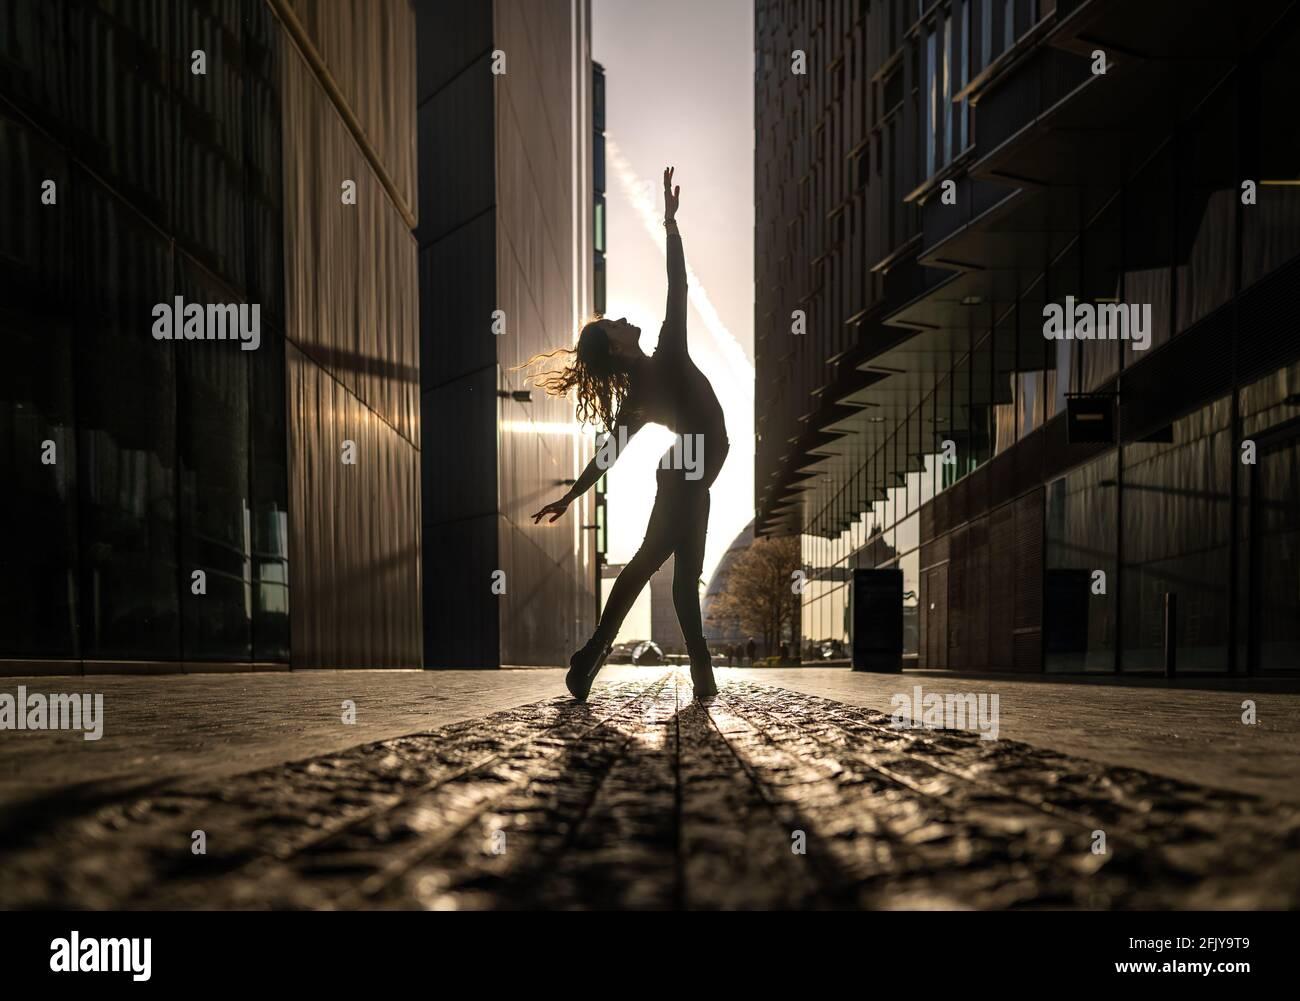 Londres, Royaume-Uni. 27 avril 2021. Journée internationale de la danse : Rebecca Olarescu, étudiante en Master Screance à la London Contemporary Dance School (LCDS), se produit au lever du soleil près du pont de Londres, en prévision de la Journée internationale de la danse, le 29 avril. Célébrée pour la première fois en 1982, la Journée internationale de la danse a lieu chaque année depuis l'anniversaire de la naissance de Jean-Georges Noverre (1727-1810), créateur du ballet moderne. Credit: Guy Corbishley/Alamy Live News Banque D'Images